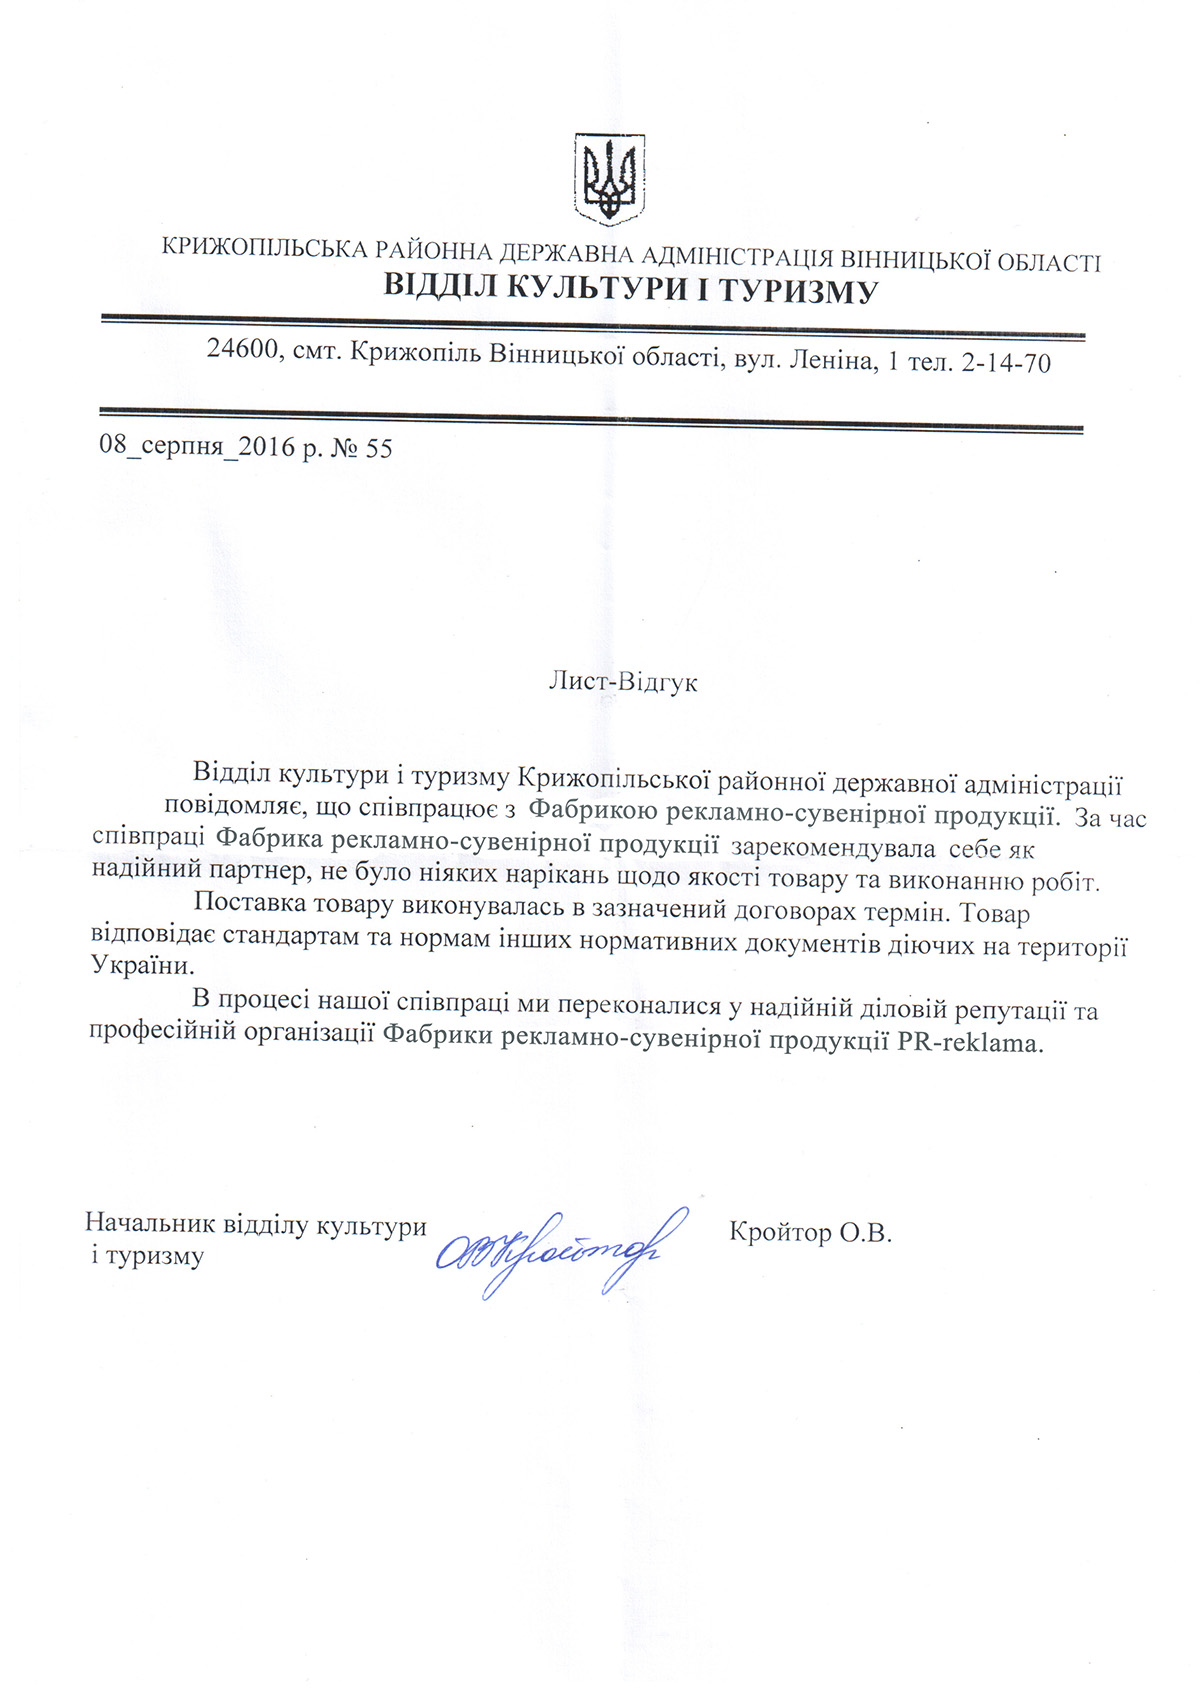 Отзывы Отдела культуры и туризма Крижопольской РГА